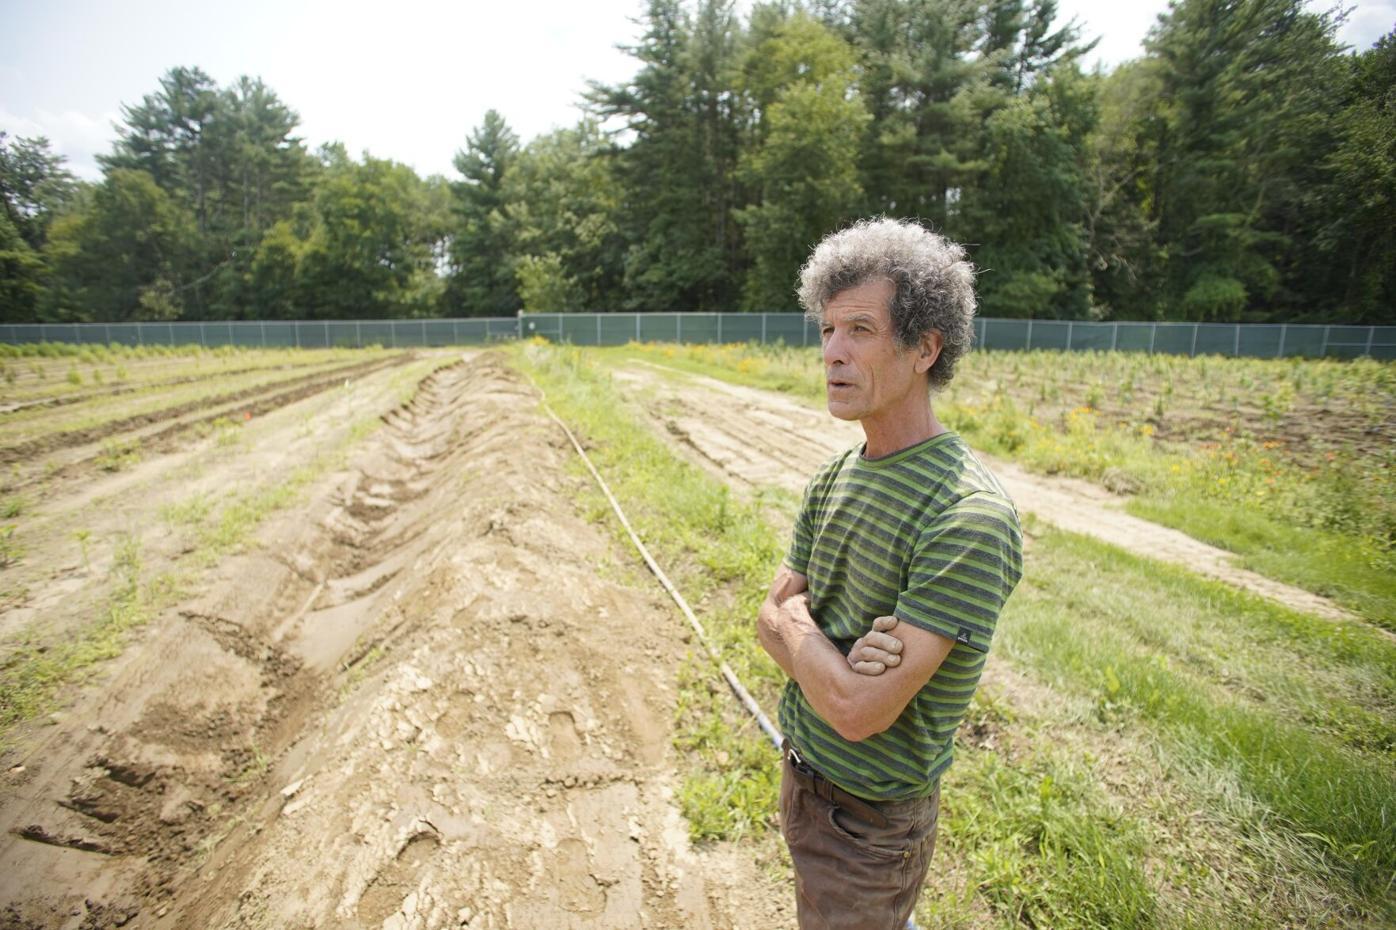 Farmer Ted Dobson